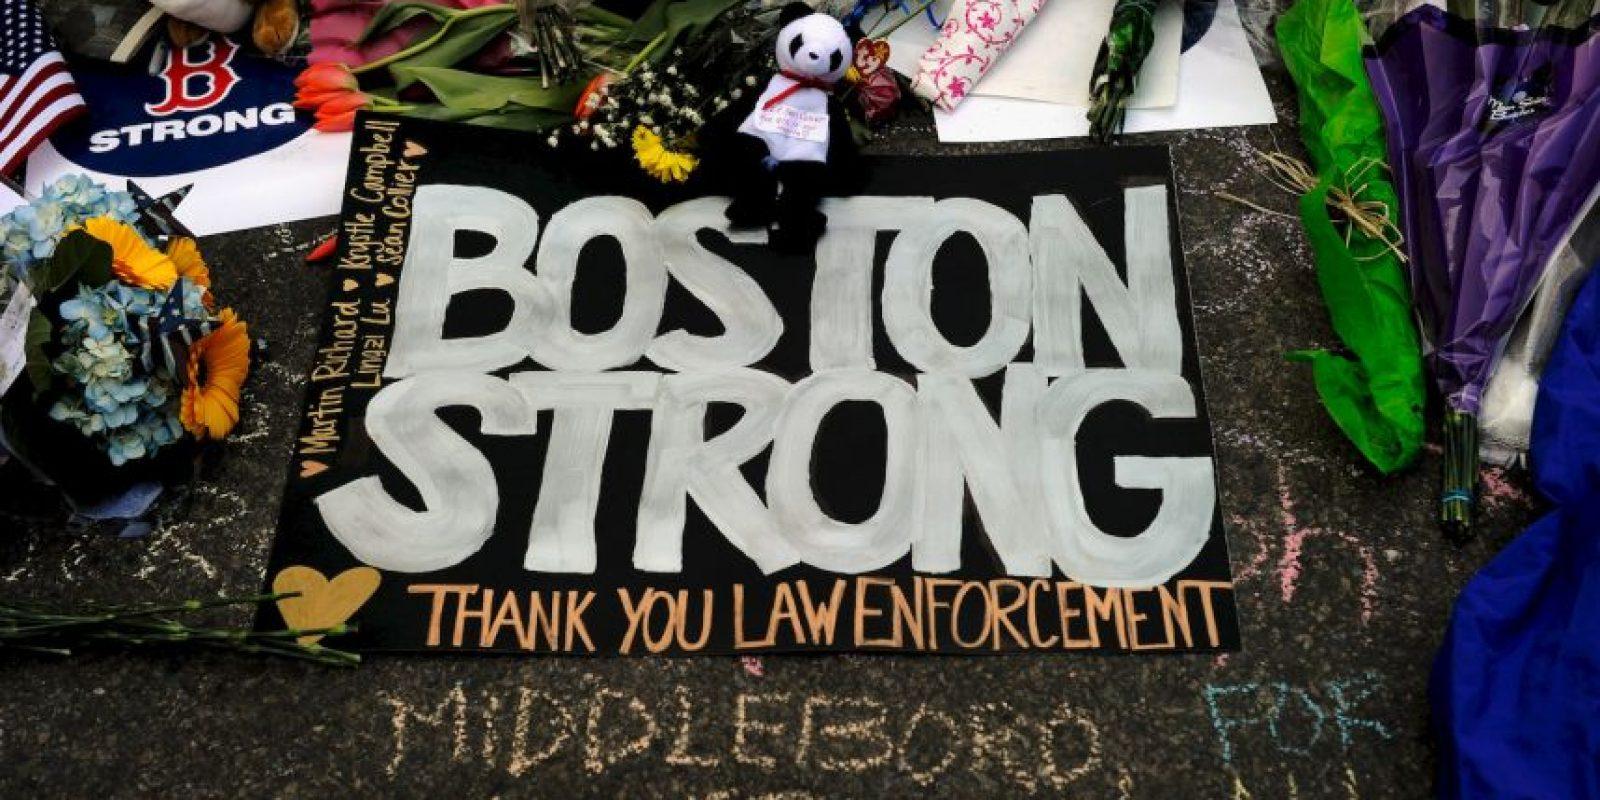 El gobernador de Massachusetts, Deval Patrick, dijo que no había más explosivos además de los dos que detonaron. Foto:Getty